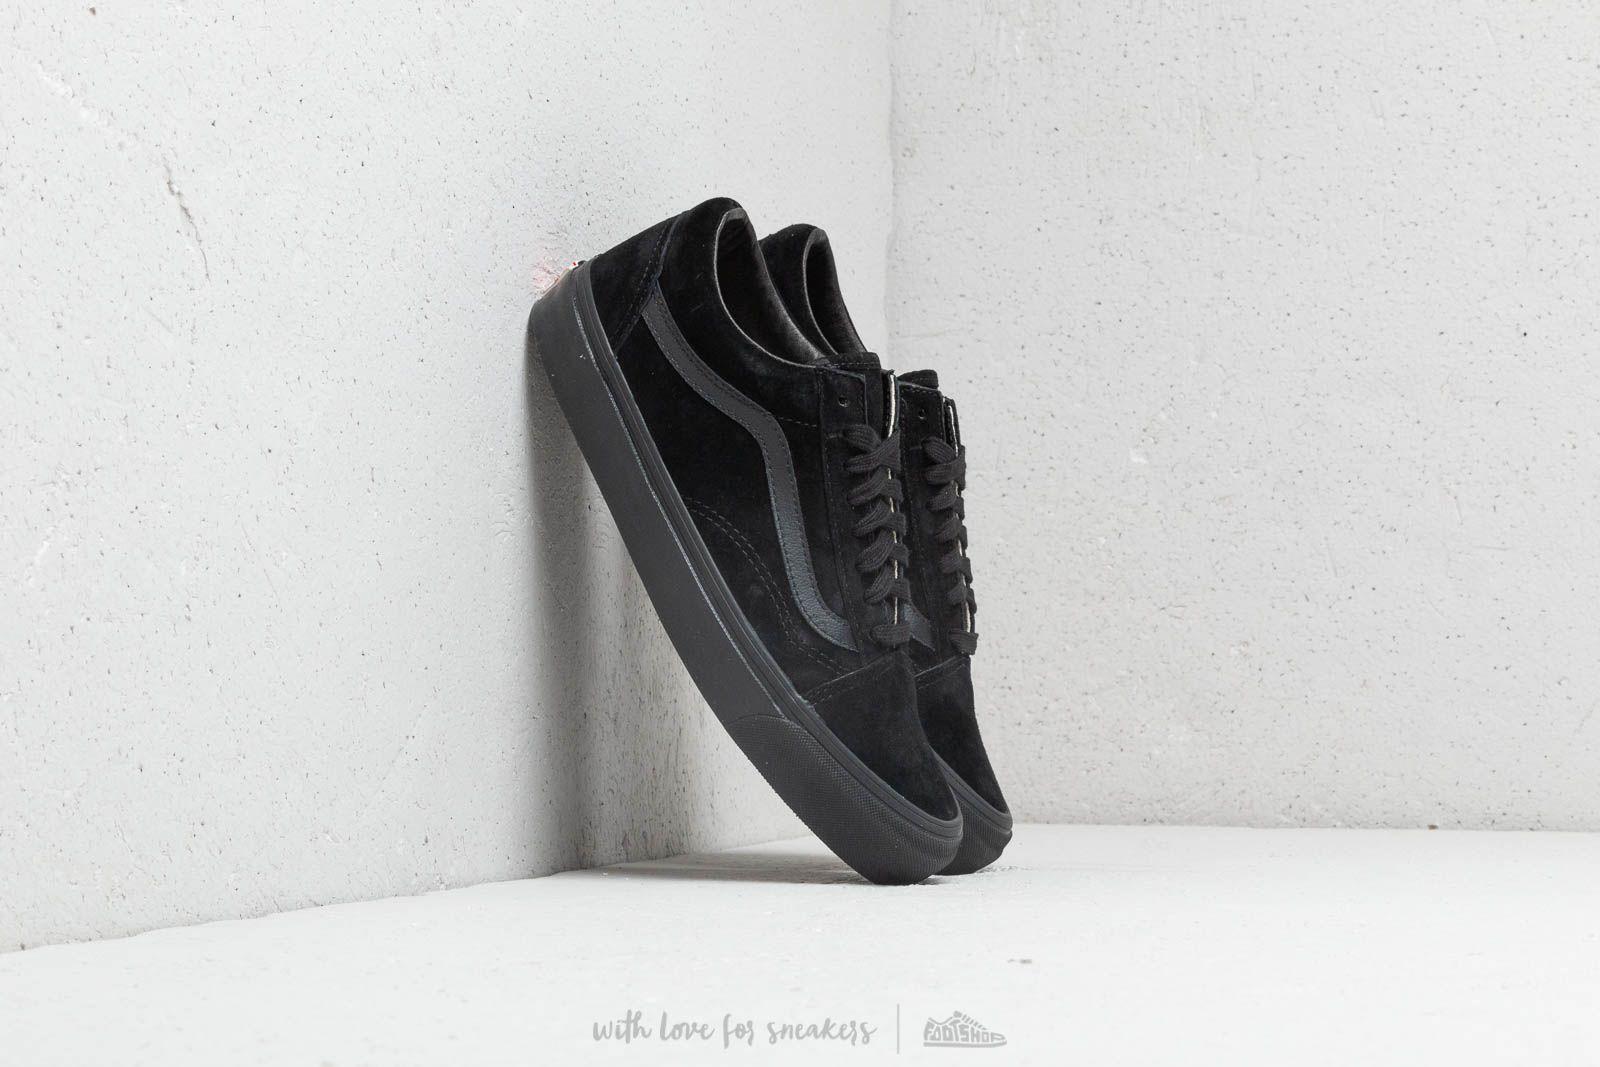 Vans OG Old Skool LX (Leather/ Suede)